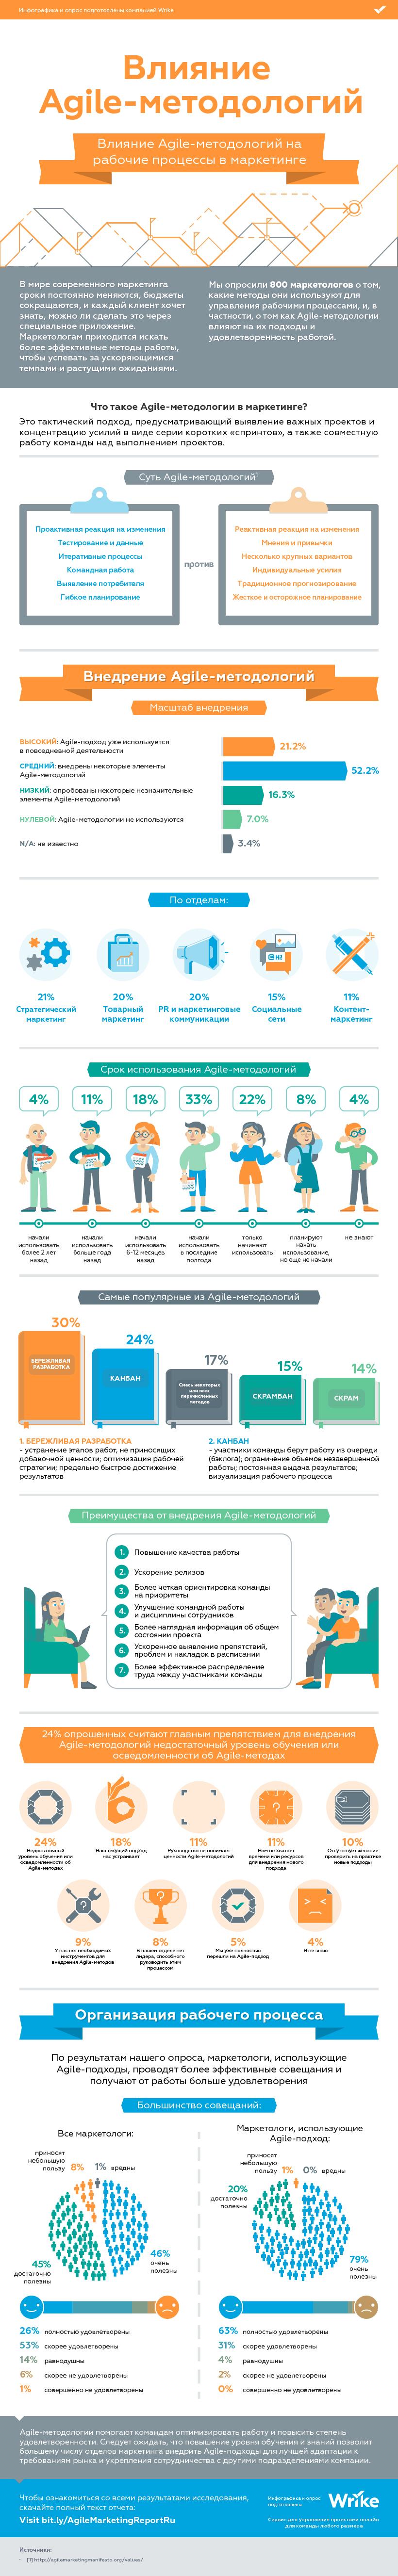 Влияние Agile-методологий (#инфографика)